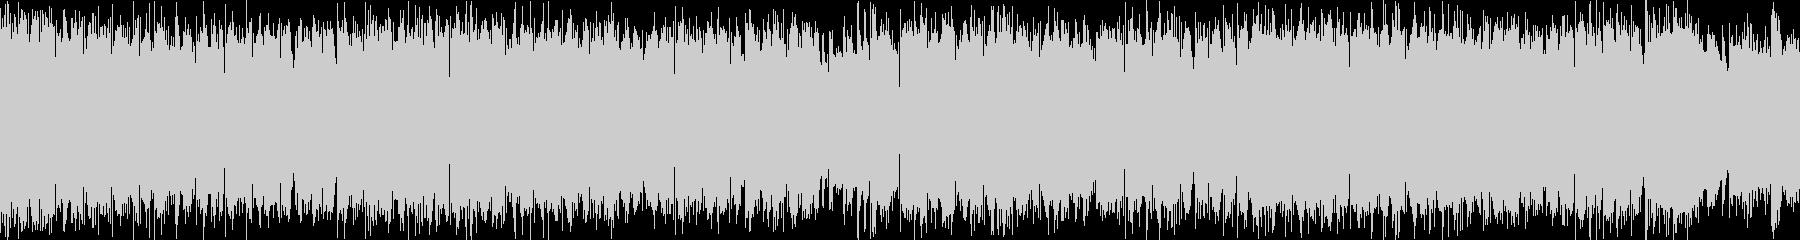 ポップで爽やかなEDM(30秒ループ)の未再生の波形